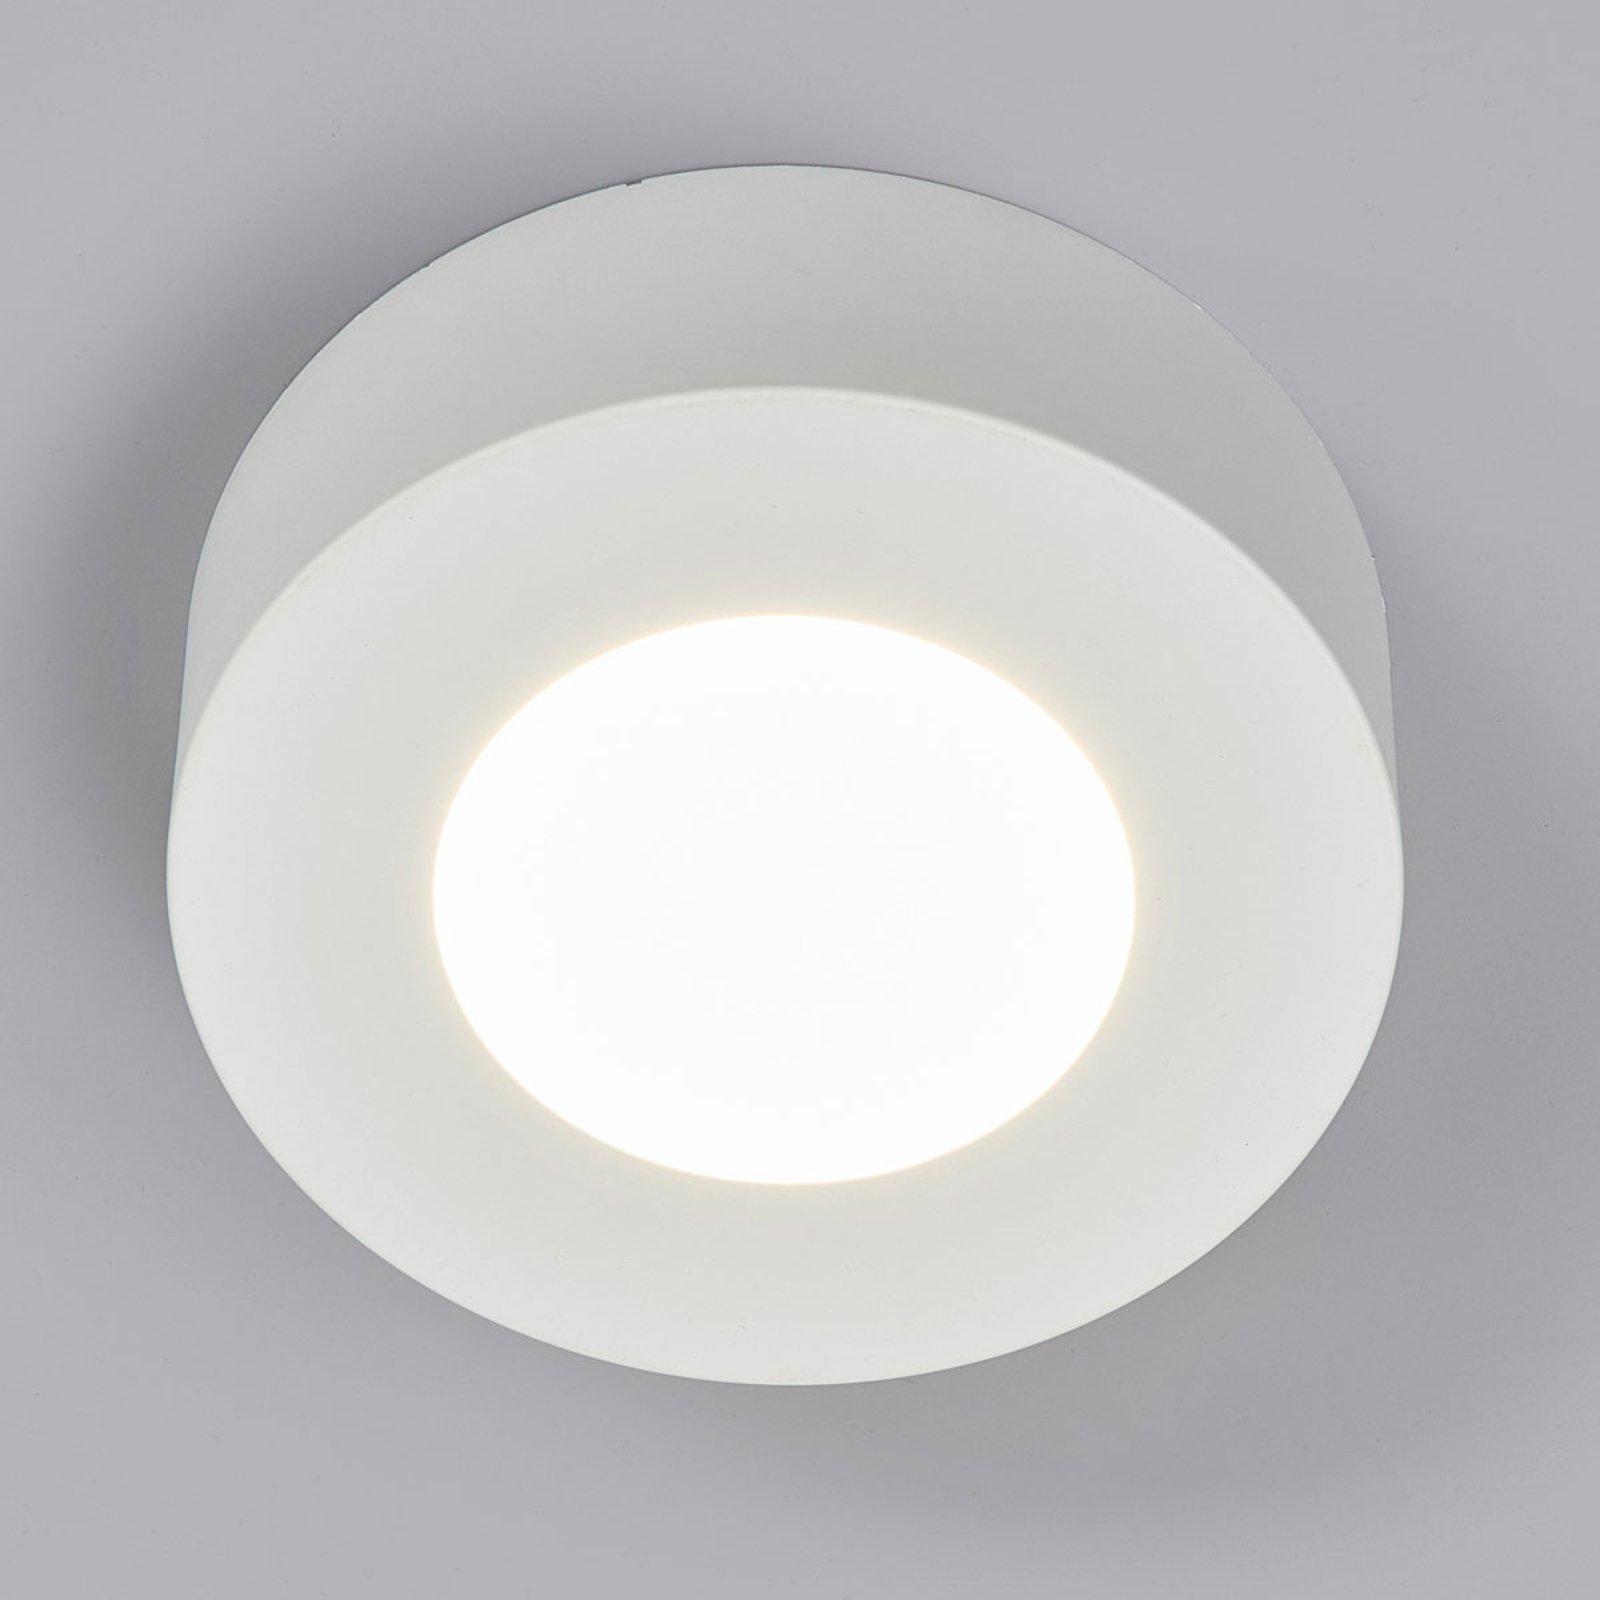 LED-taklampe Marlo, hvit, 4 000 K rund 12,8cm